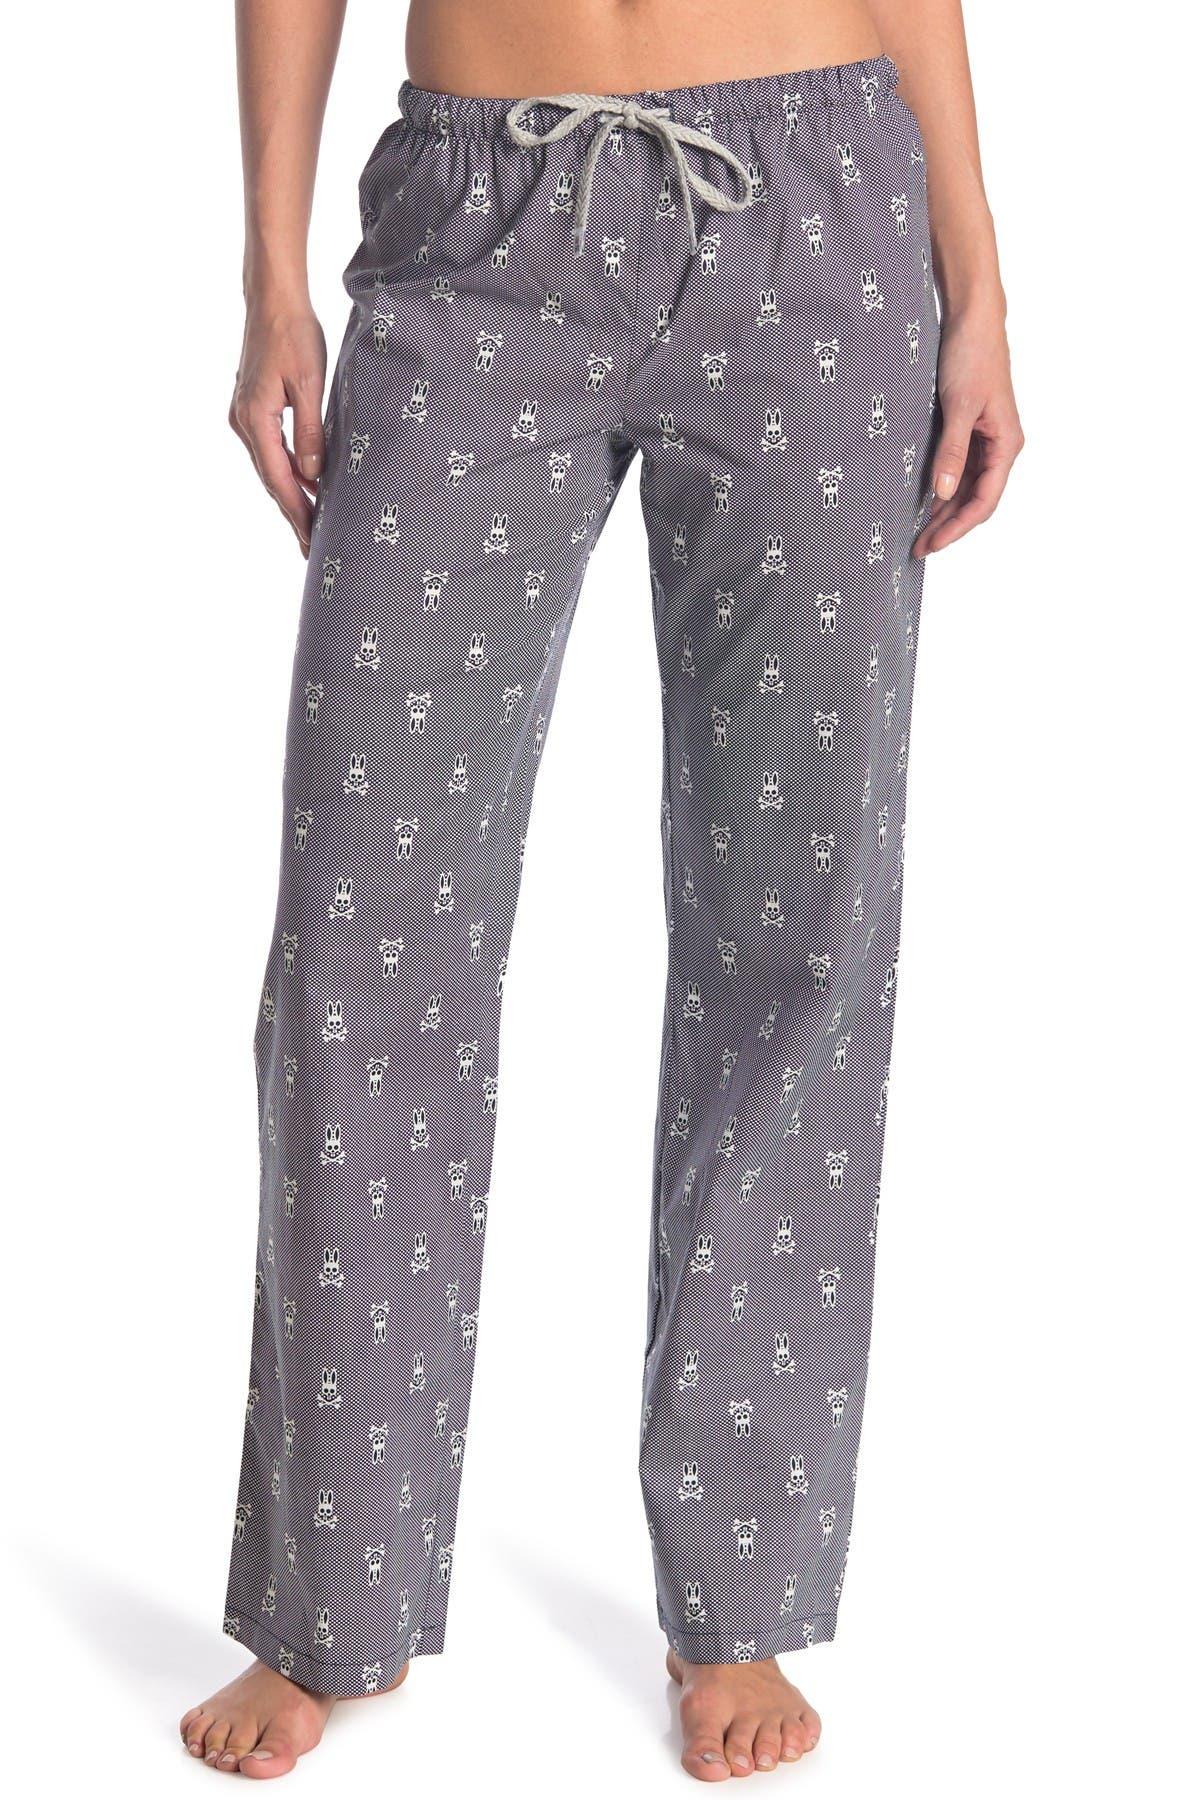 Image of Psycho Bunny Printed Woven Pajama Pants